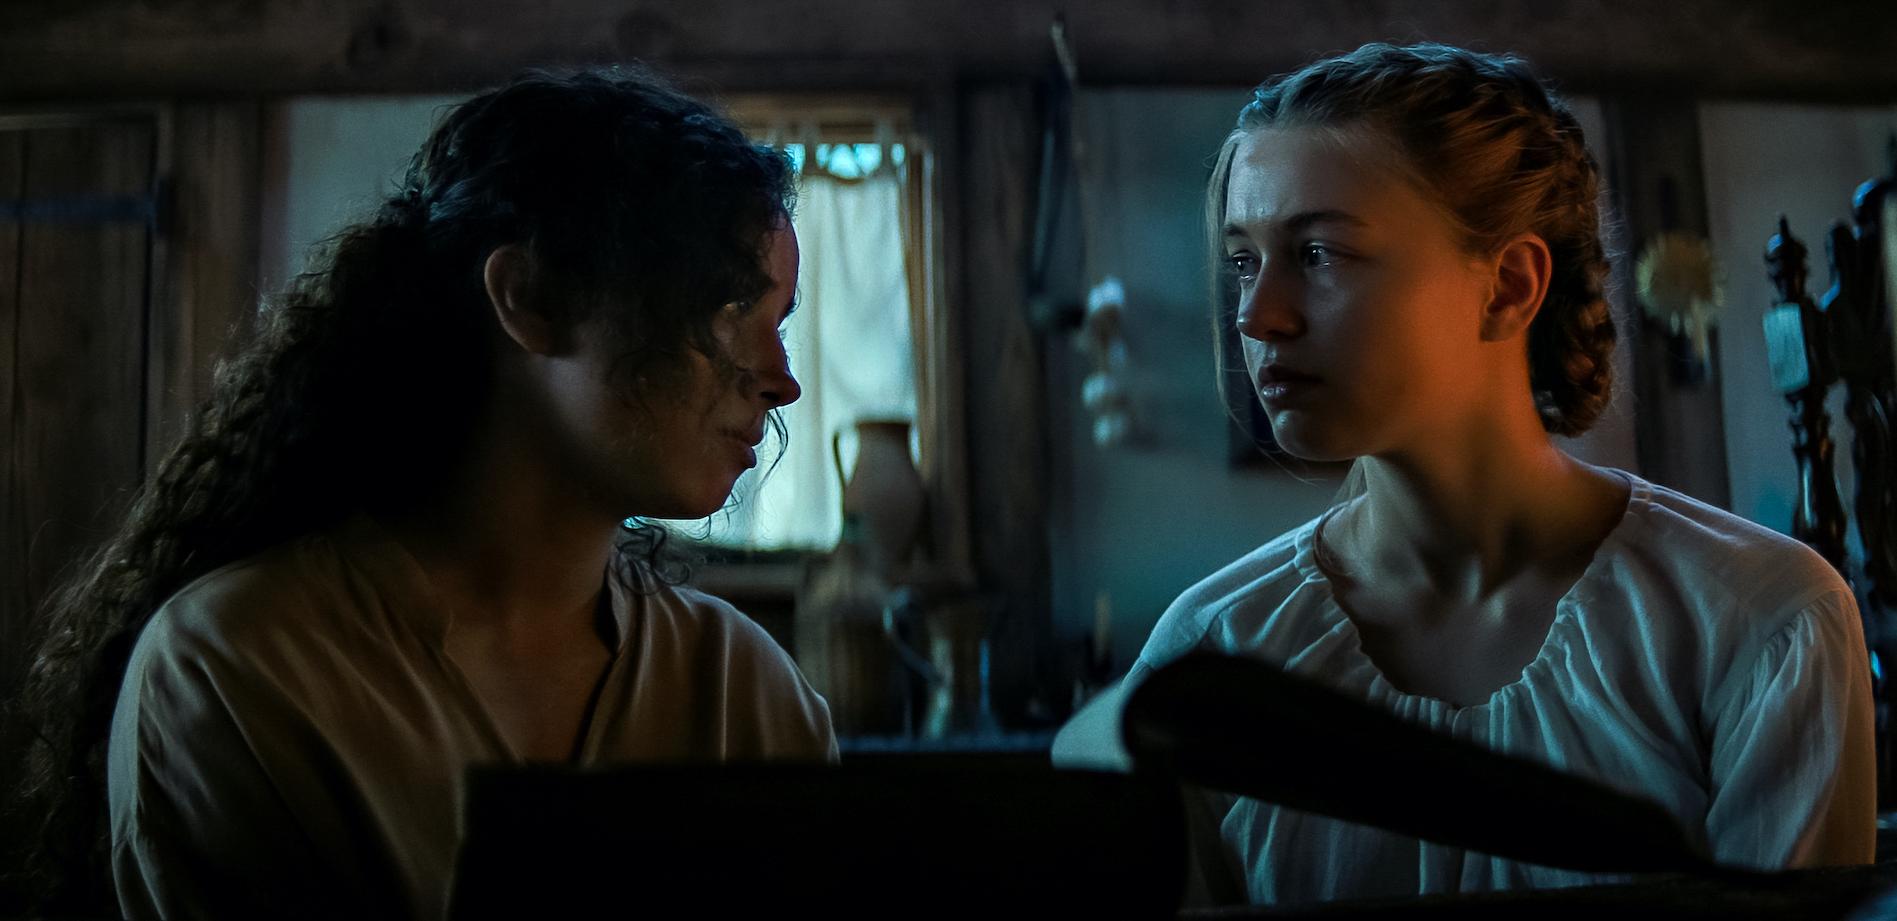 FEAR STREET PART 3: 1666 (L to R) KIANA MADEIRA as SARAH FIER and OLIVIA SCOTT WELCH as HANNAH MILLER. NETFLIX © 2021